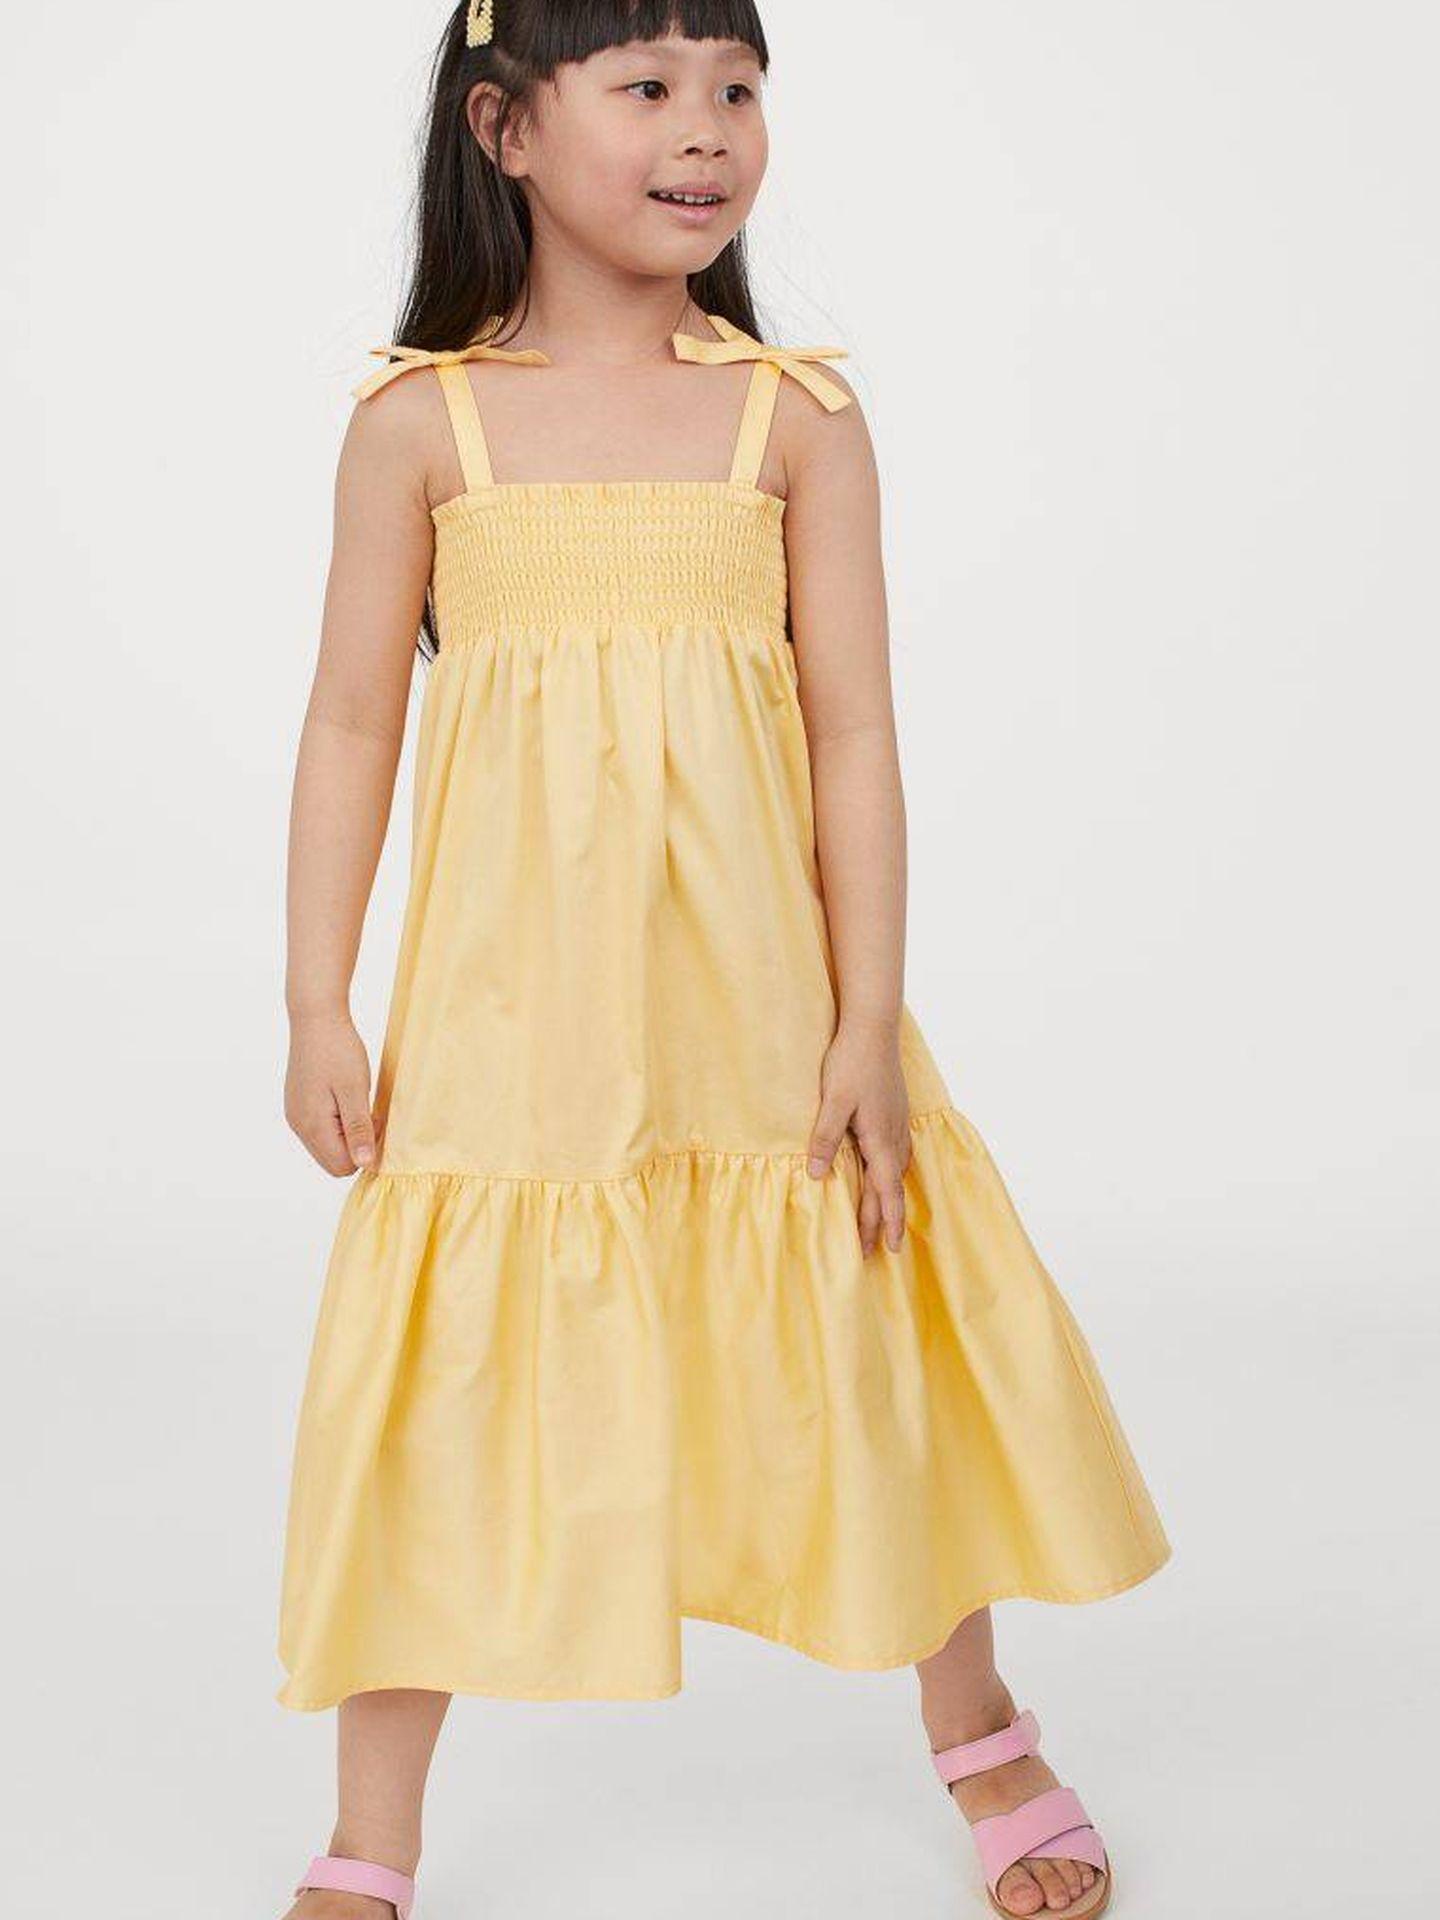 El nuevo vestido de H